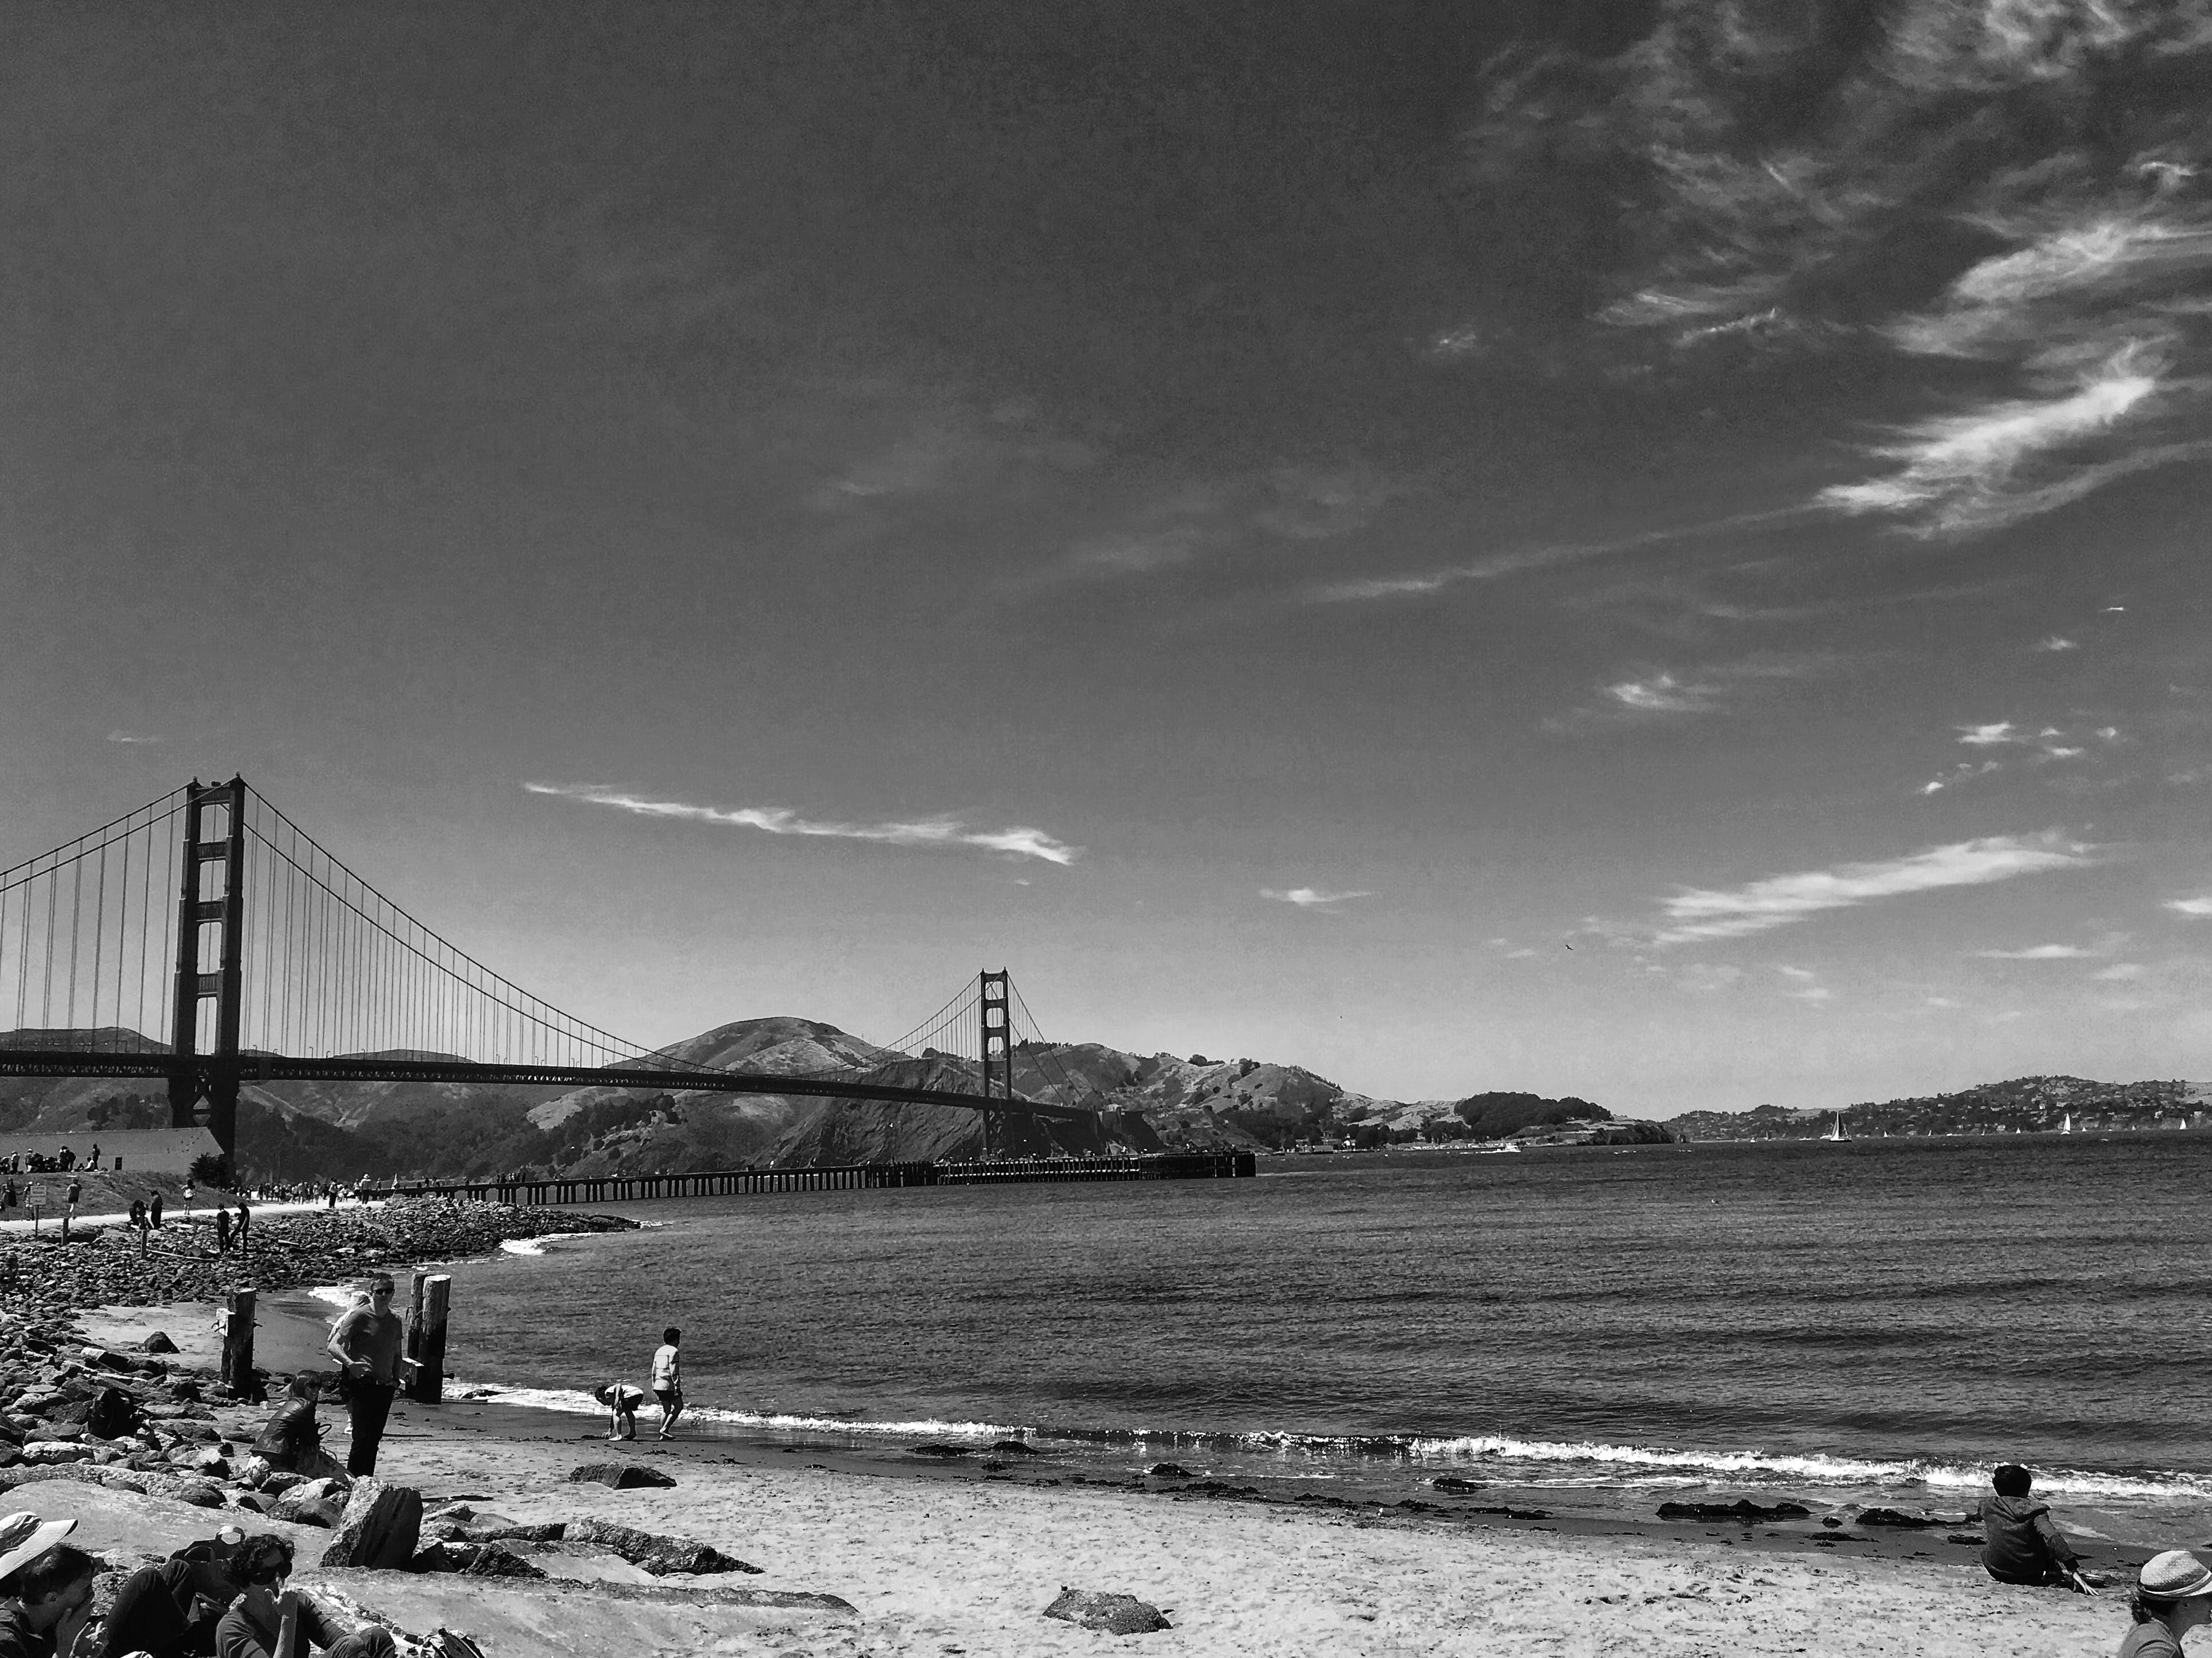 bulutlar, deniz, gökyüzü, golden gate içeren Ücretsiz stok fotoğraf